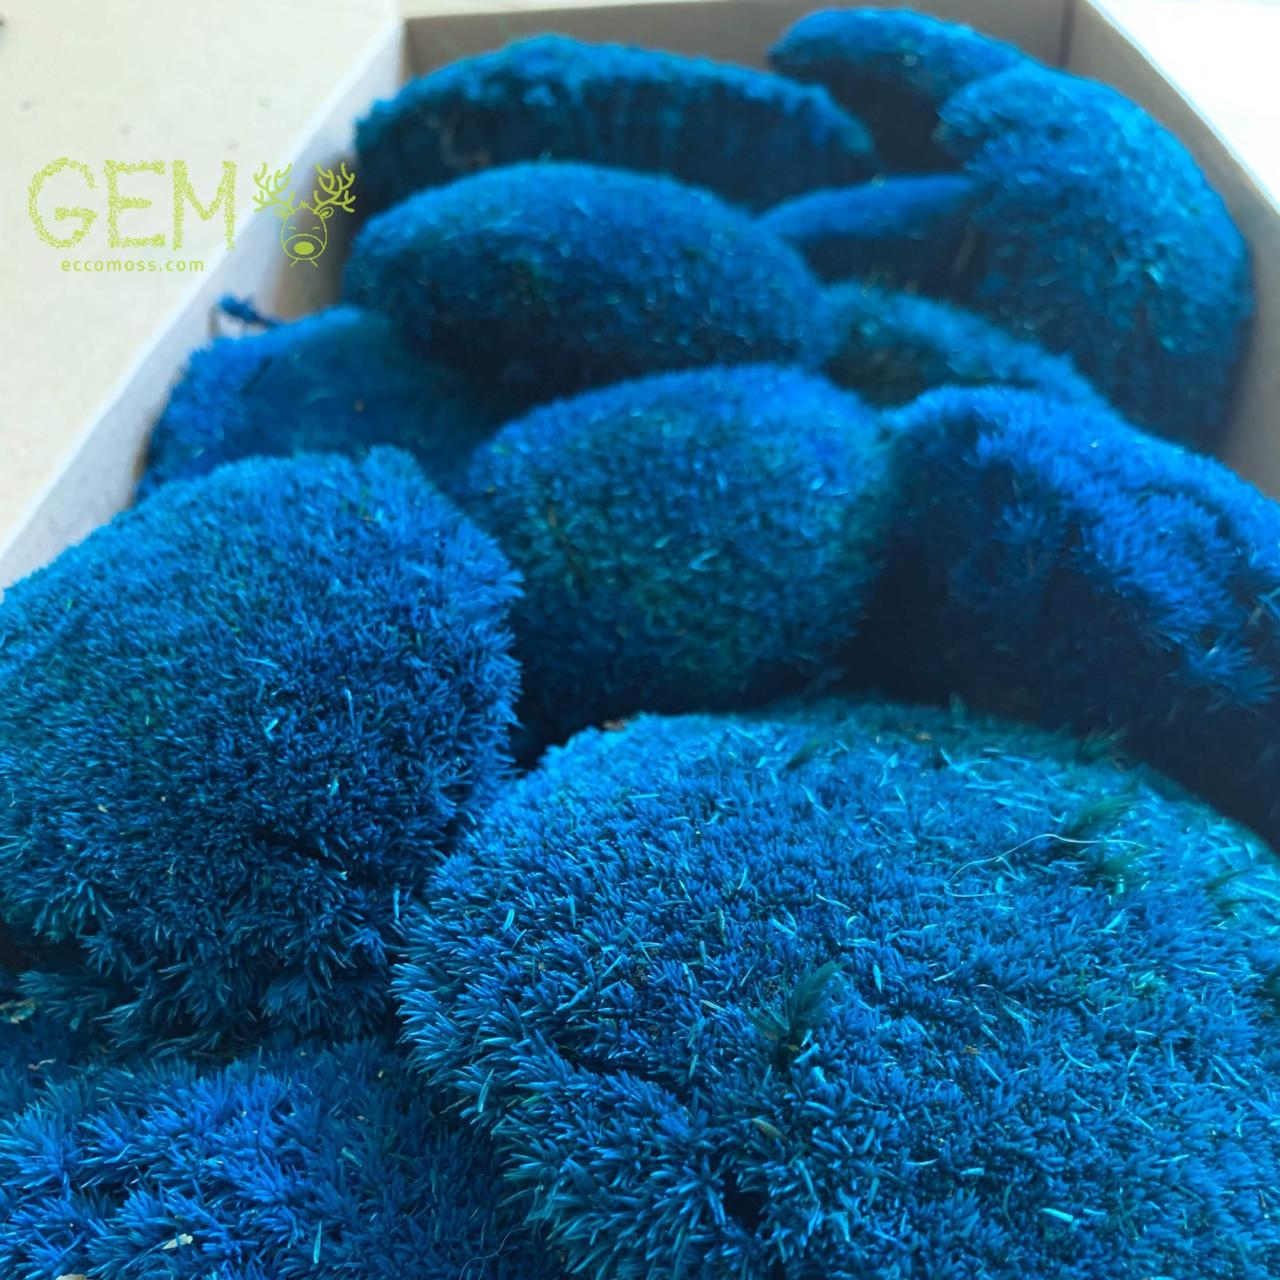 Стабілізований мох Green Ecco Moss купина сині 1 кг.